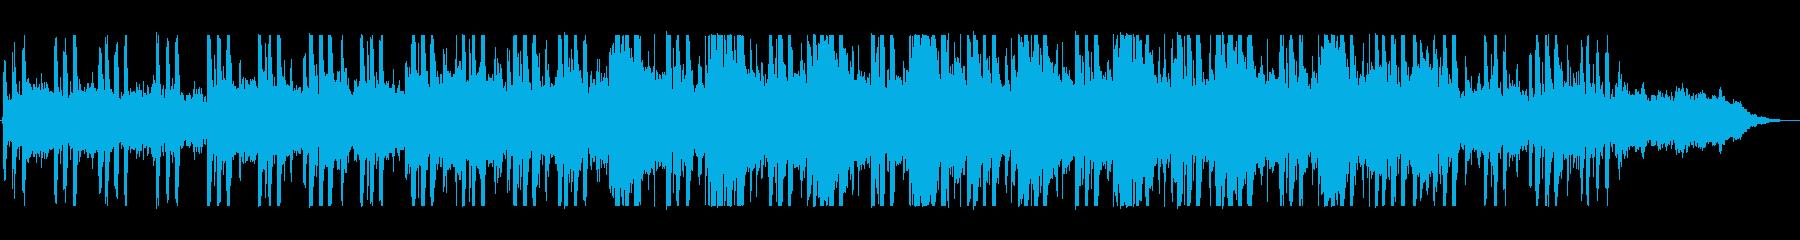 神秘的でゆったりとしたメロディーの再生済みの波形